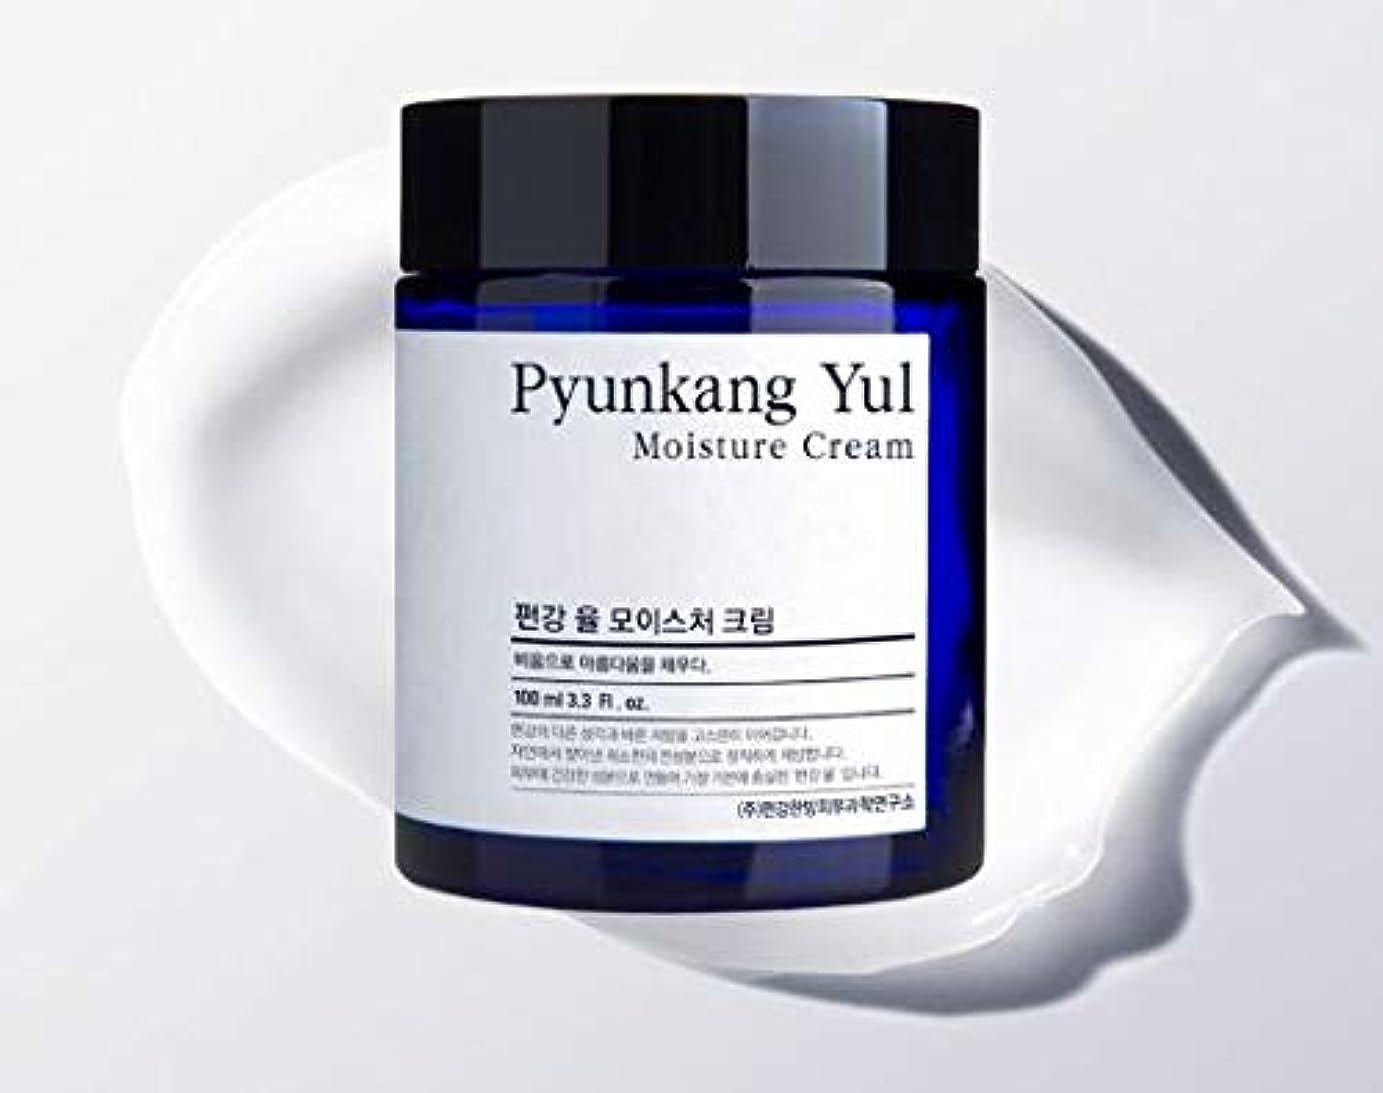 恥喜びある[Pyunkang Yul] Moisture Cream 100ml /モイスチャークリーム 100ml [並行輸入品]